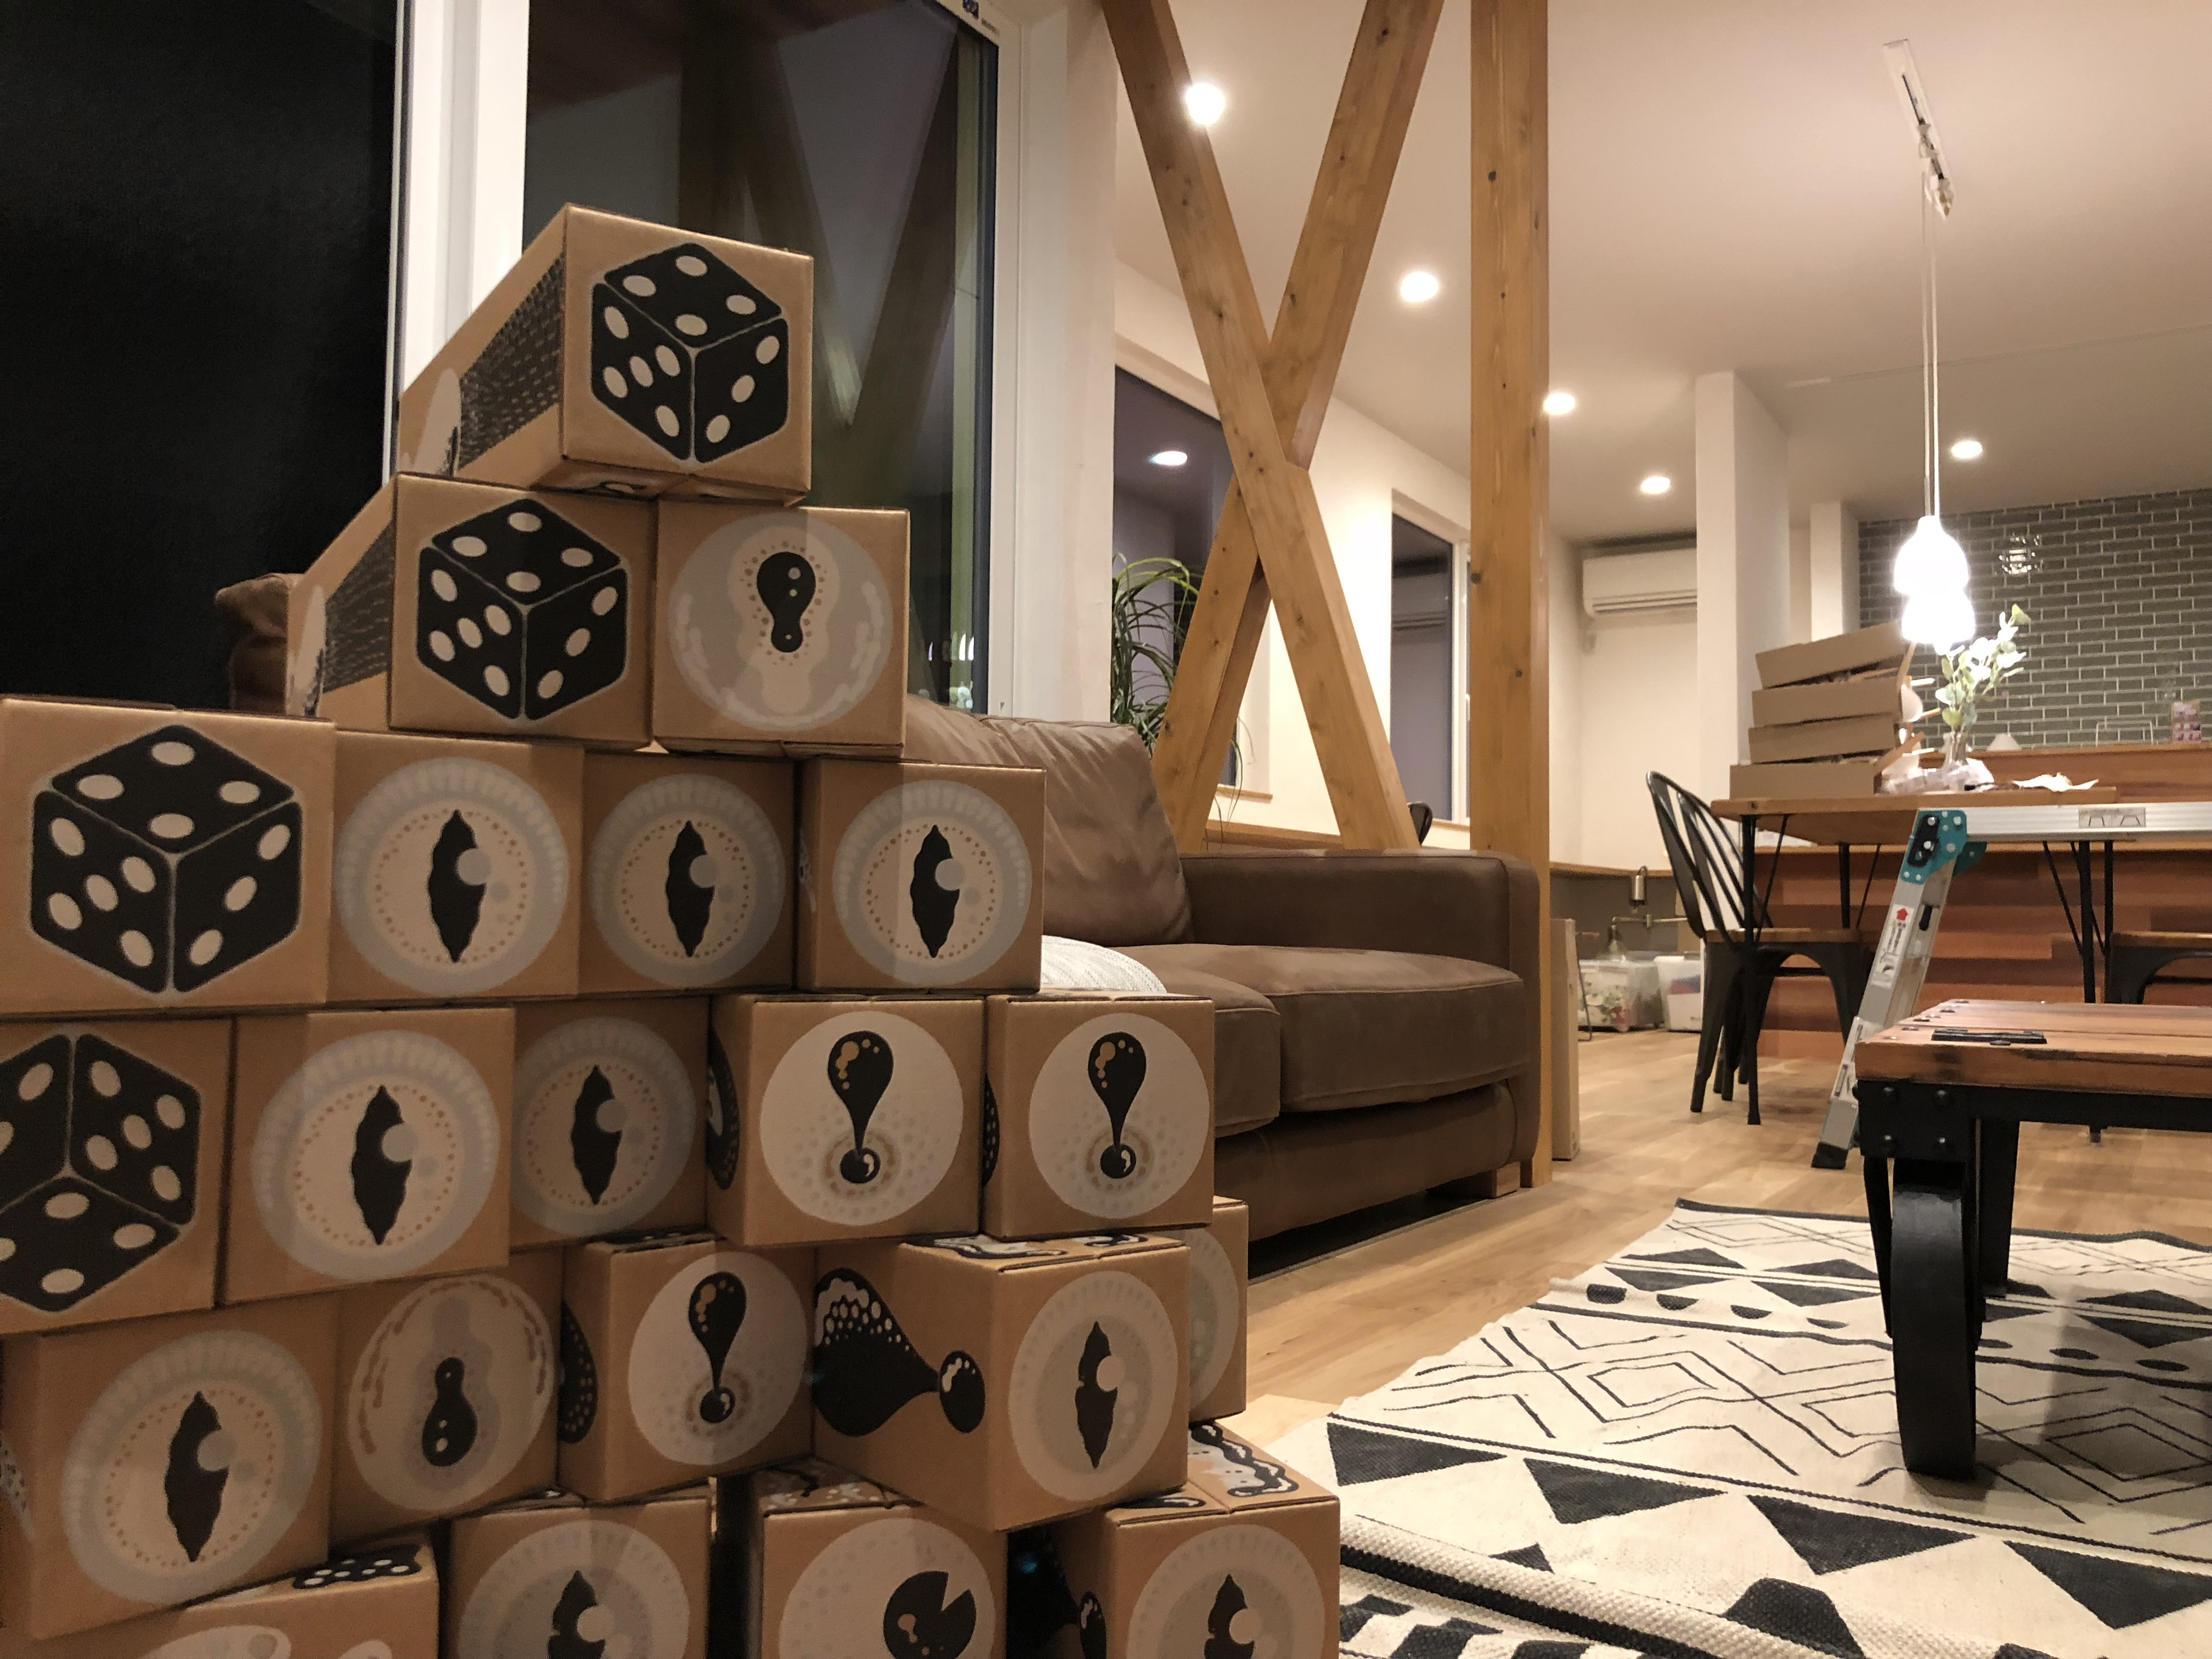 山梨県の工務店、未来建築工房とつくる注文住宅。|富士河口湖町勝山の家でOPENHOUSEの準備。